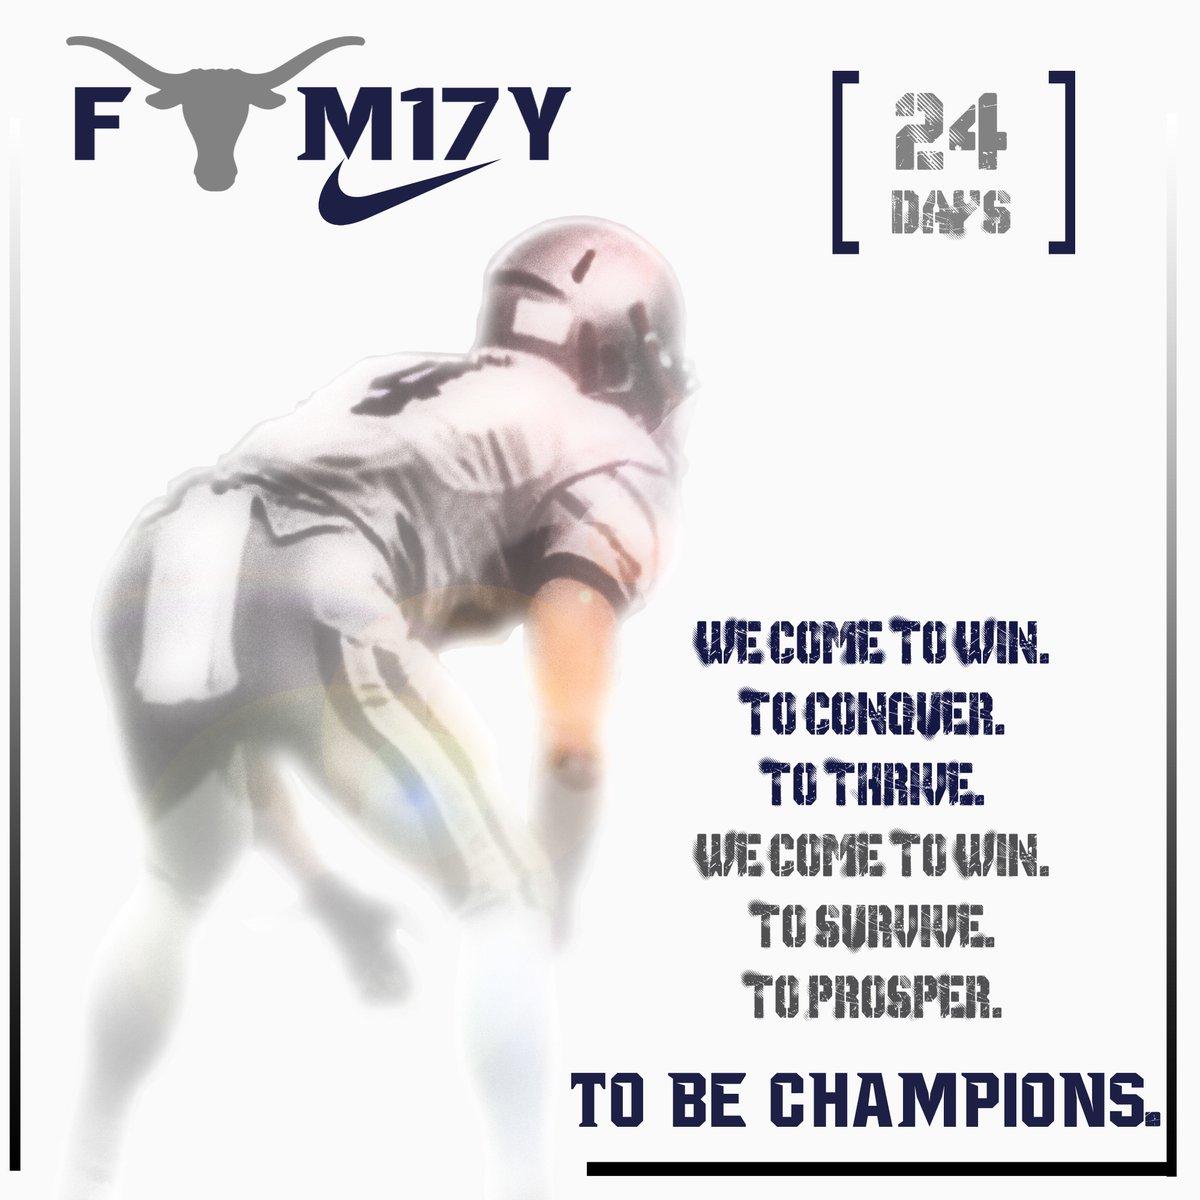 24 Days until Kick-off 2017!  #FAM17Y #NOW #HookEm #Achieve <br>http://pic.twitter.com/hJtFqFS81W